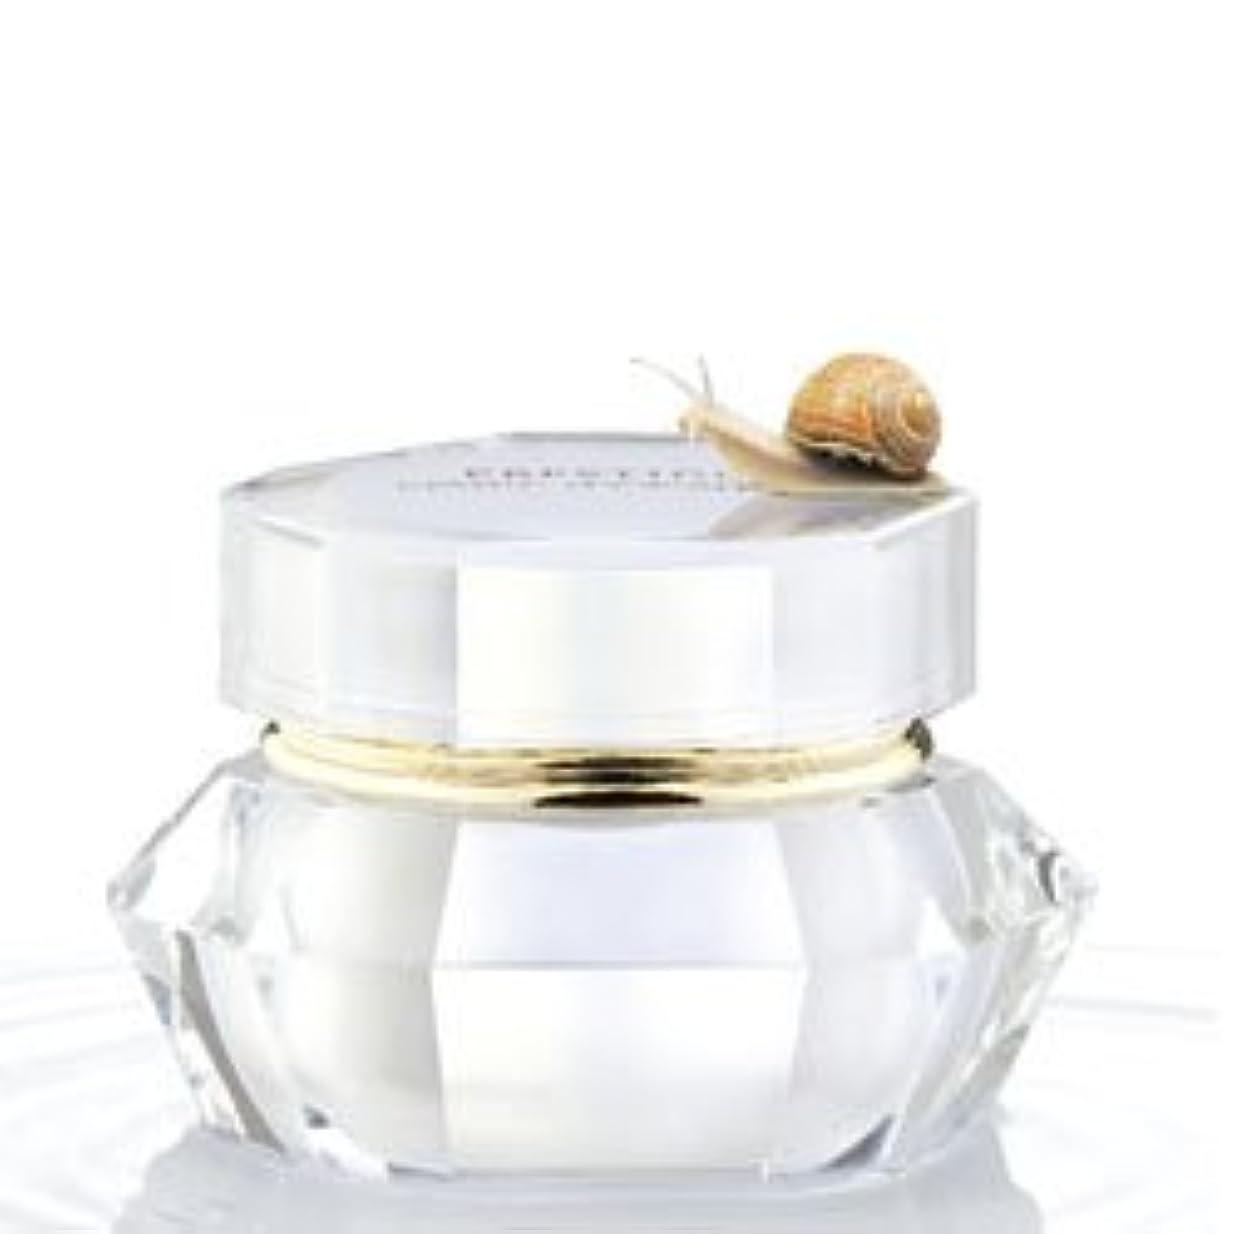 嫌いみがきます引数イッツスキン プレステージ エスカルゴ カタツムリ クリーム(60ml×1点)It's Skin Prestige Snail Escargot Cream